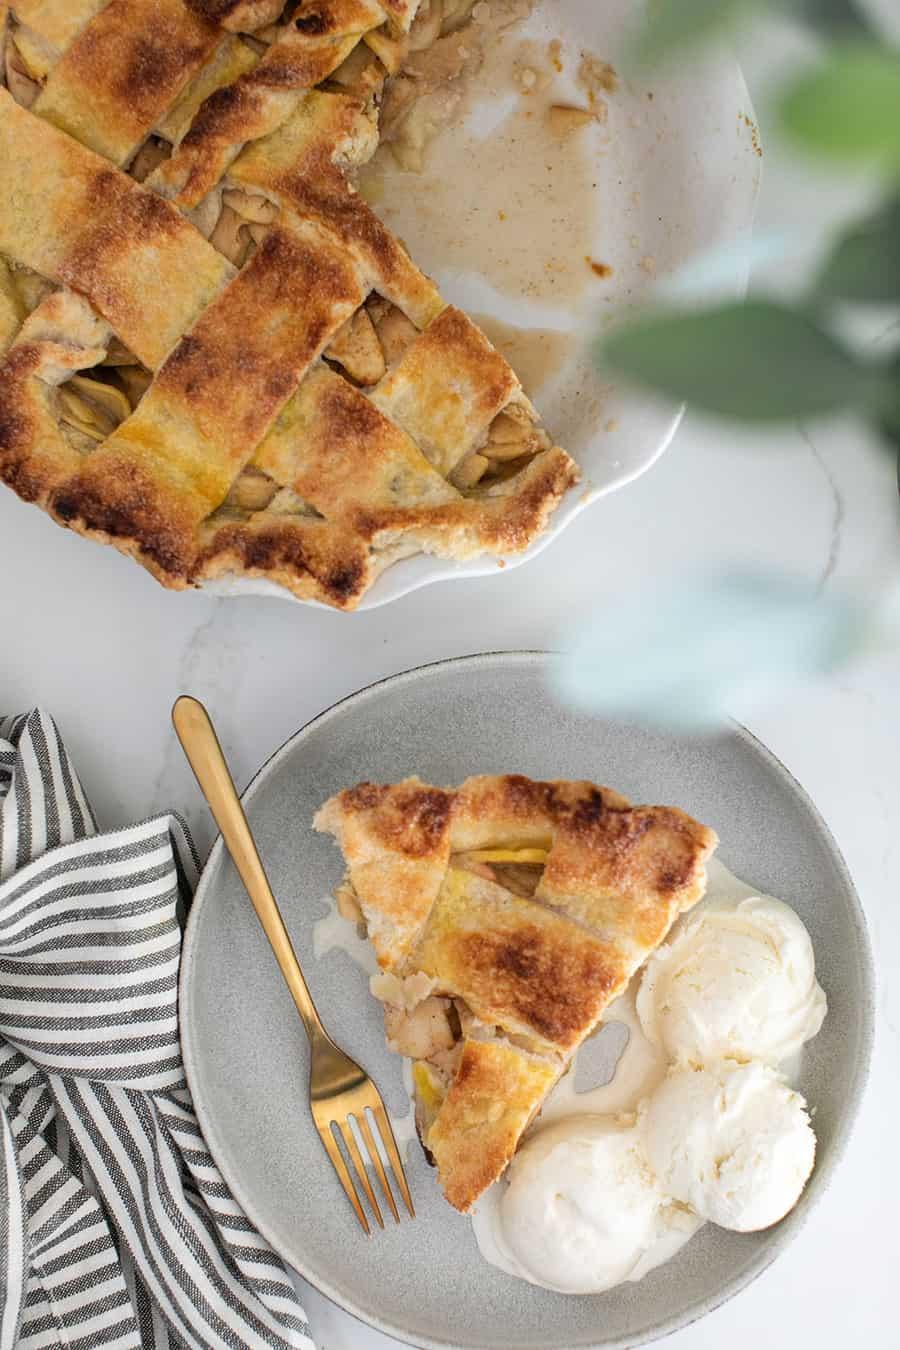 Slice of homemade apple pie with vanilla ice cream.